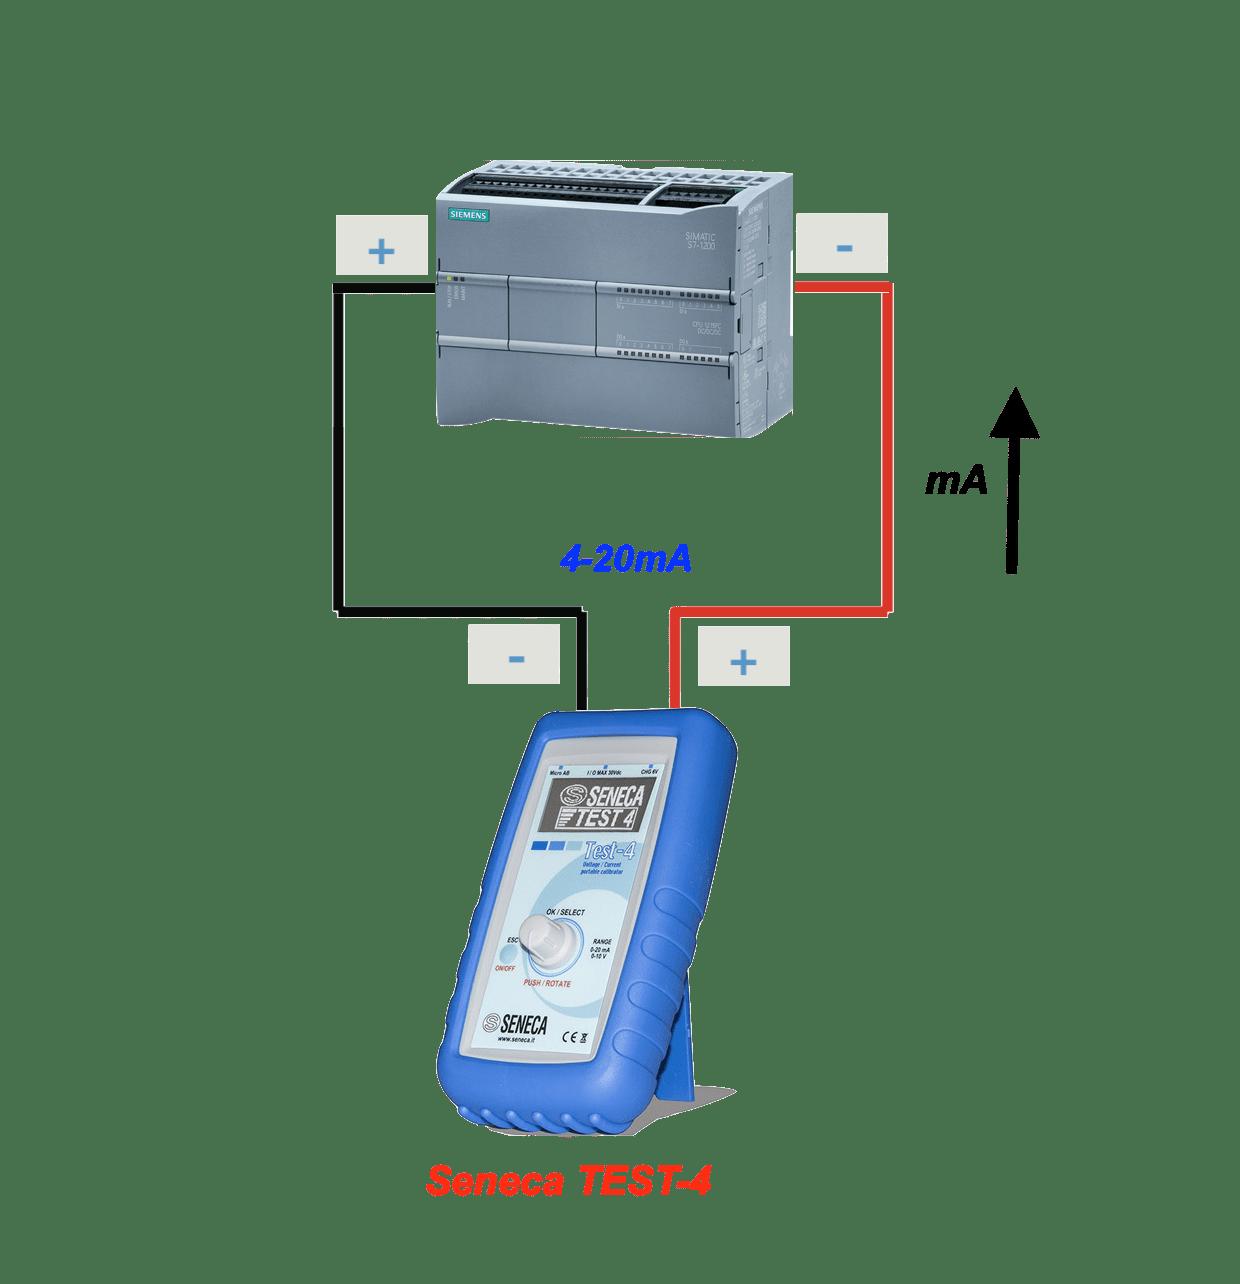 đo dòng 4-20mA của PLC